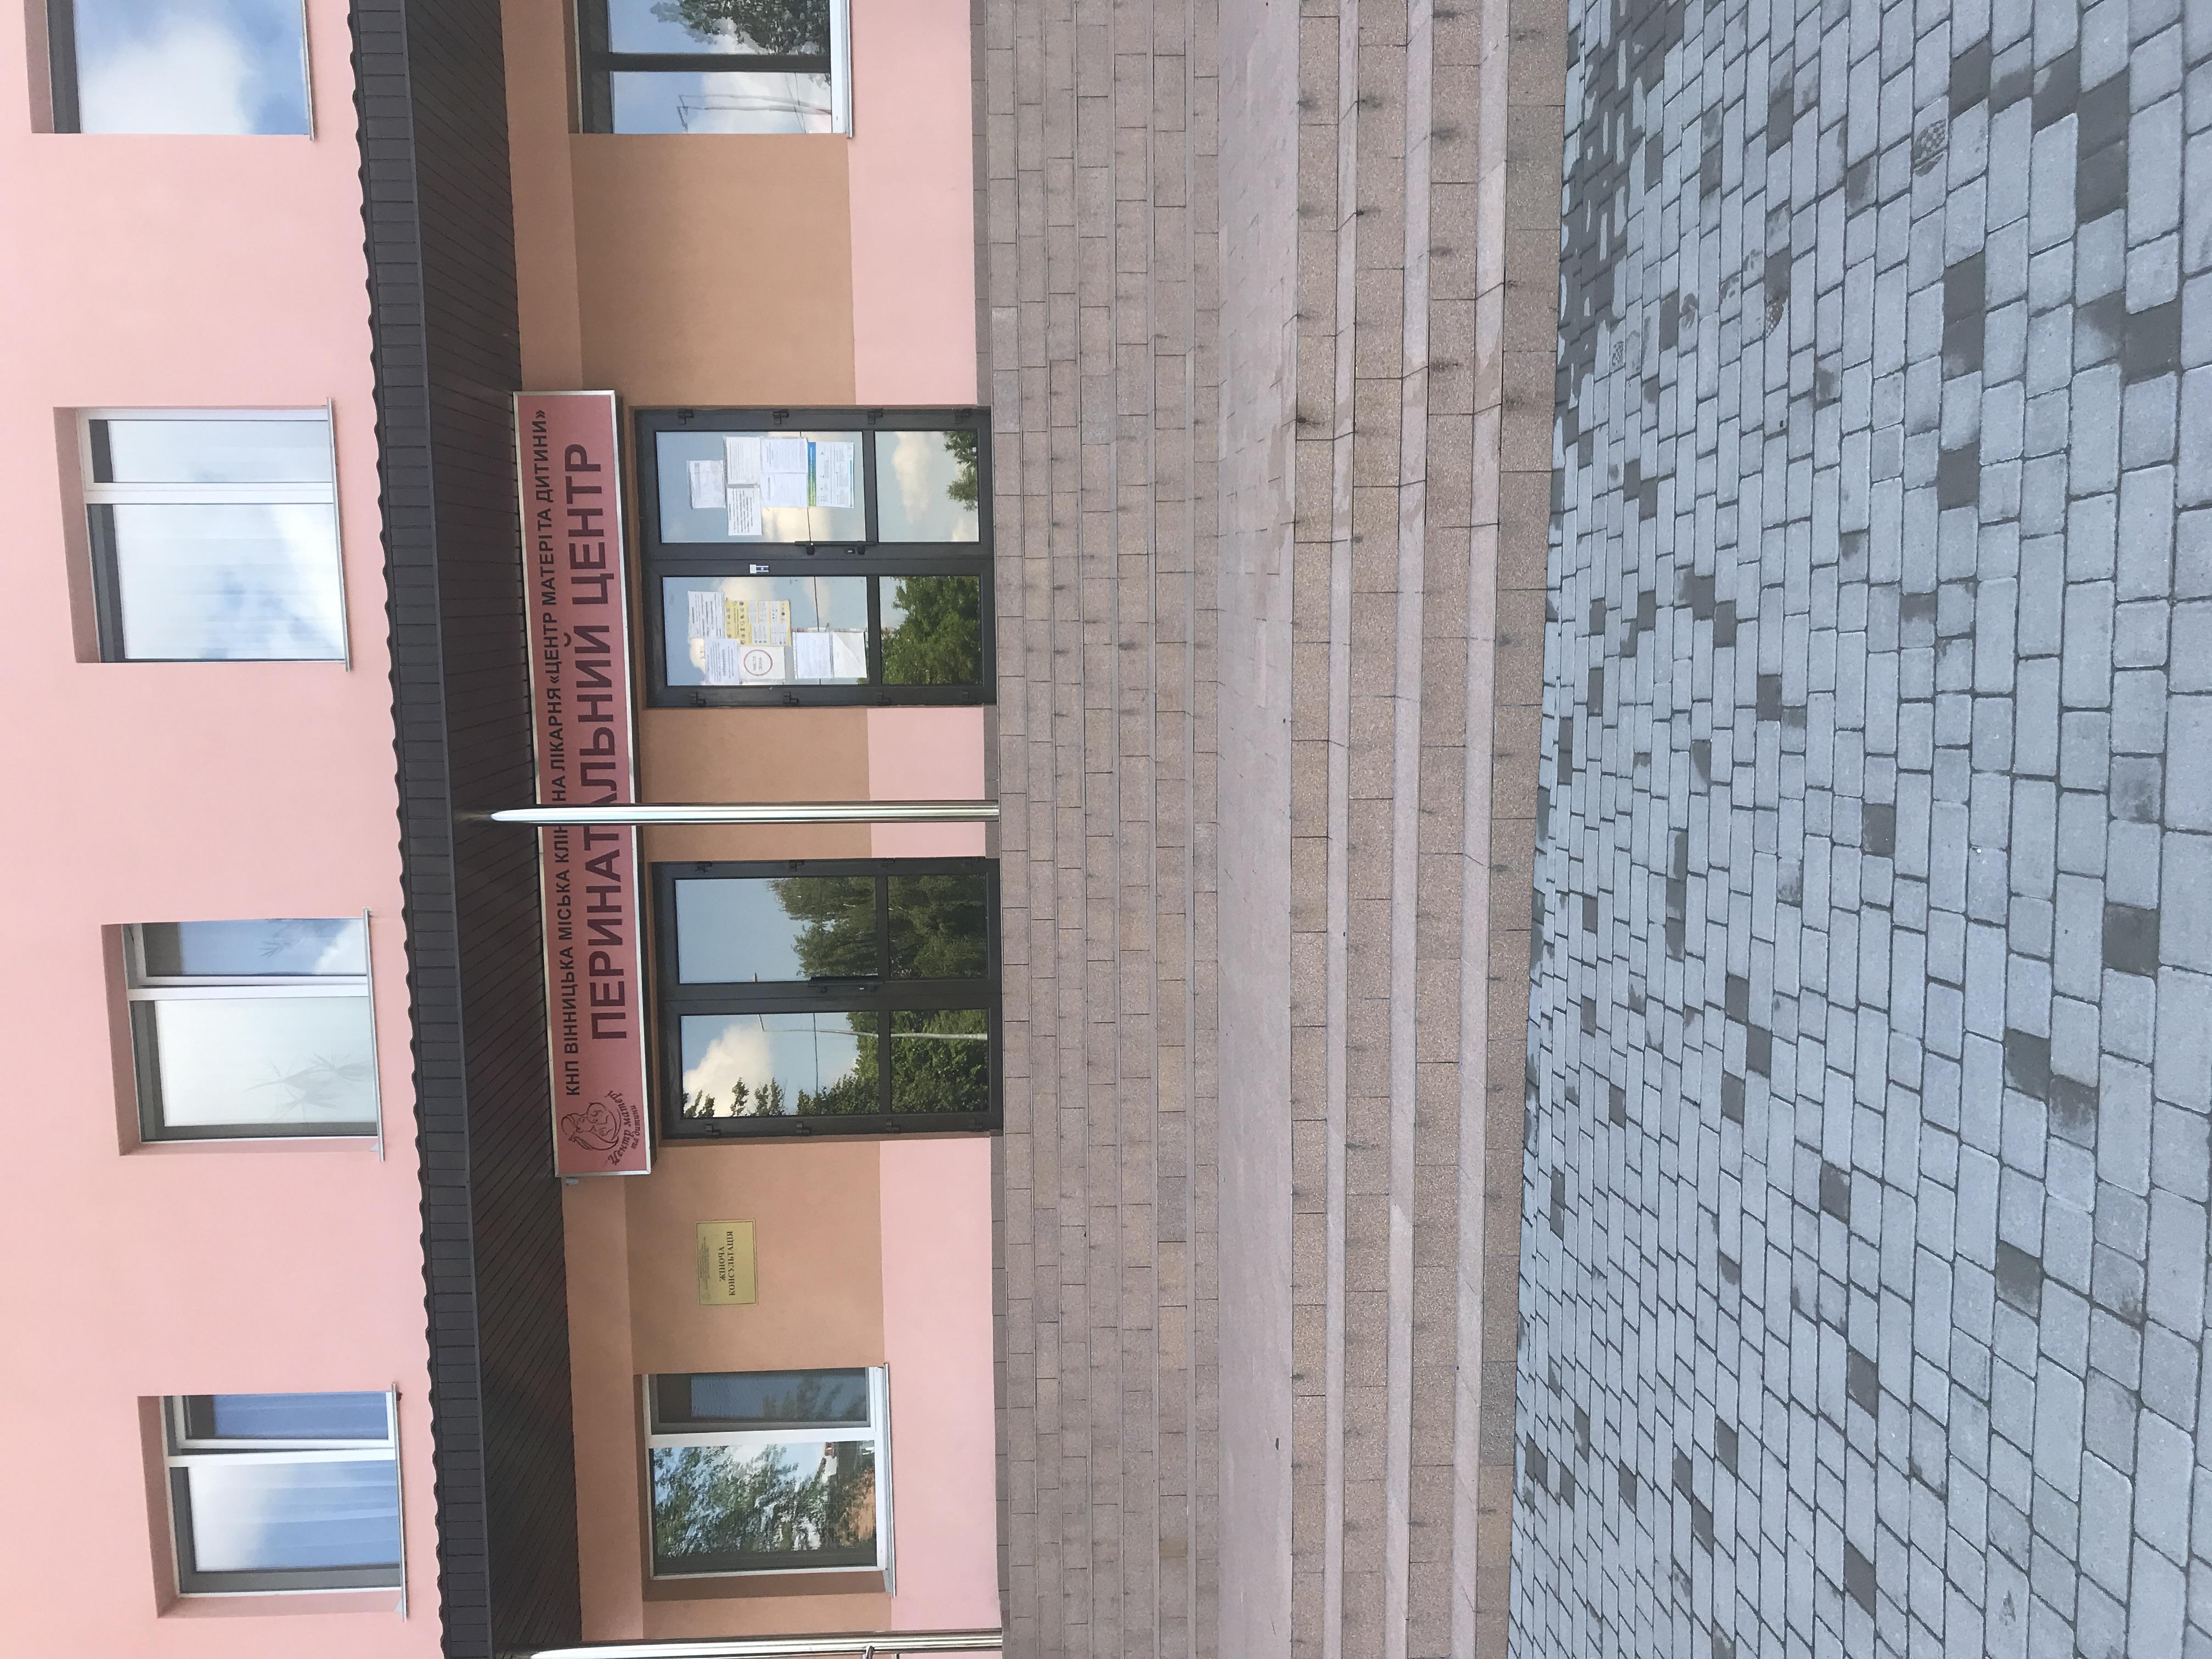 Аукціон з передачі в оренду вбудованого приміщення загальною площею 2,0м2 (частина холу №3) першого поверху чотириповерхової будівлі дитячої лікарні з підвальними приміщеннями (літ. Л) за адресою: м. Вінниця, вул. Маяковського, 138